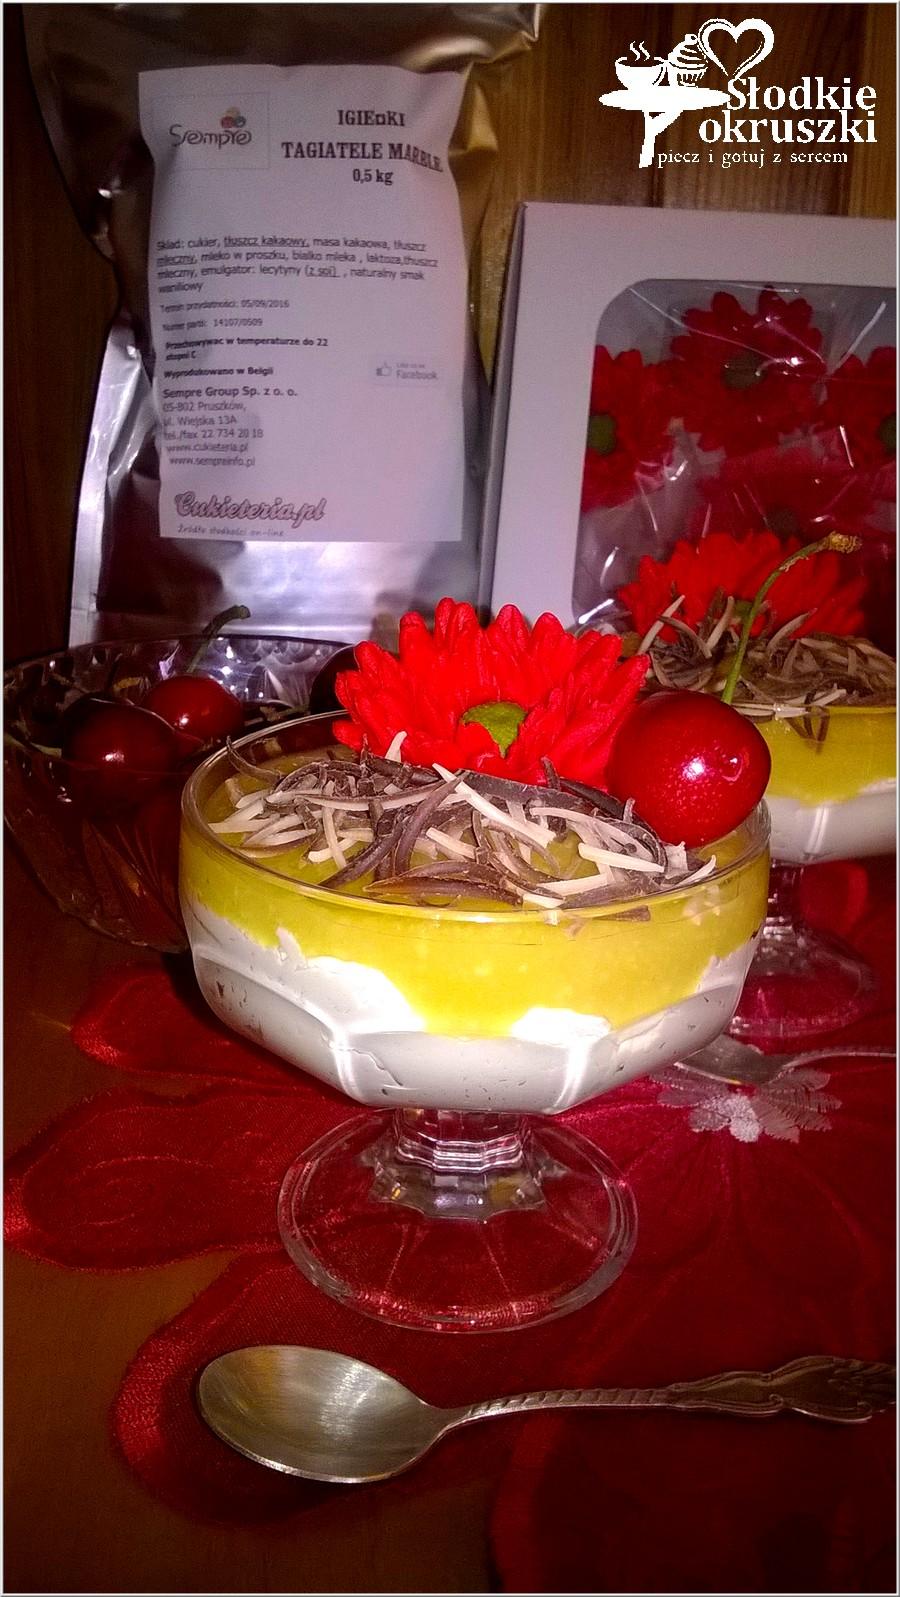 Brzoskwiniowy deser z mascarpone pełen wspomnień (4)